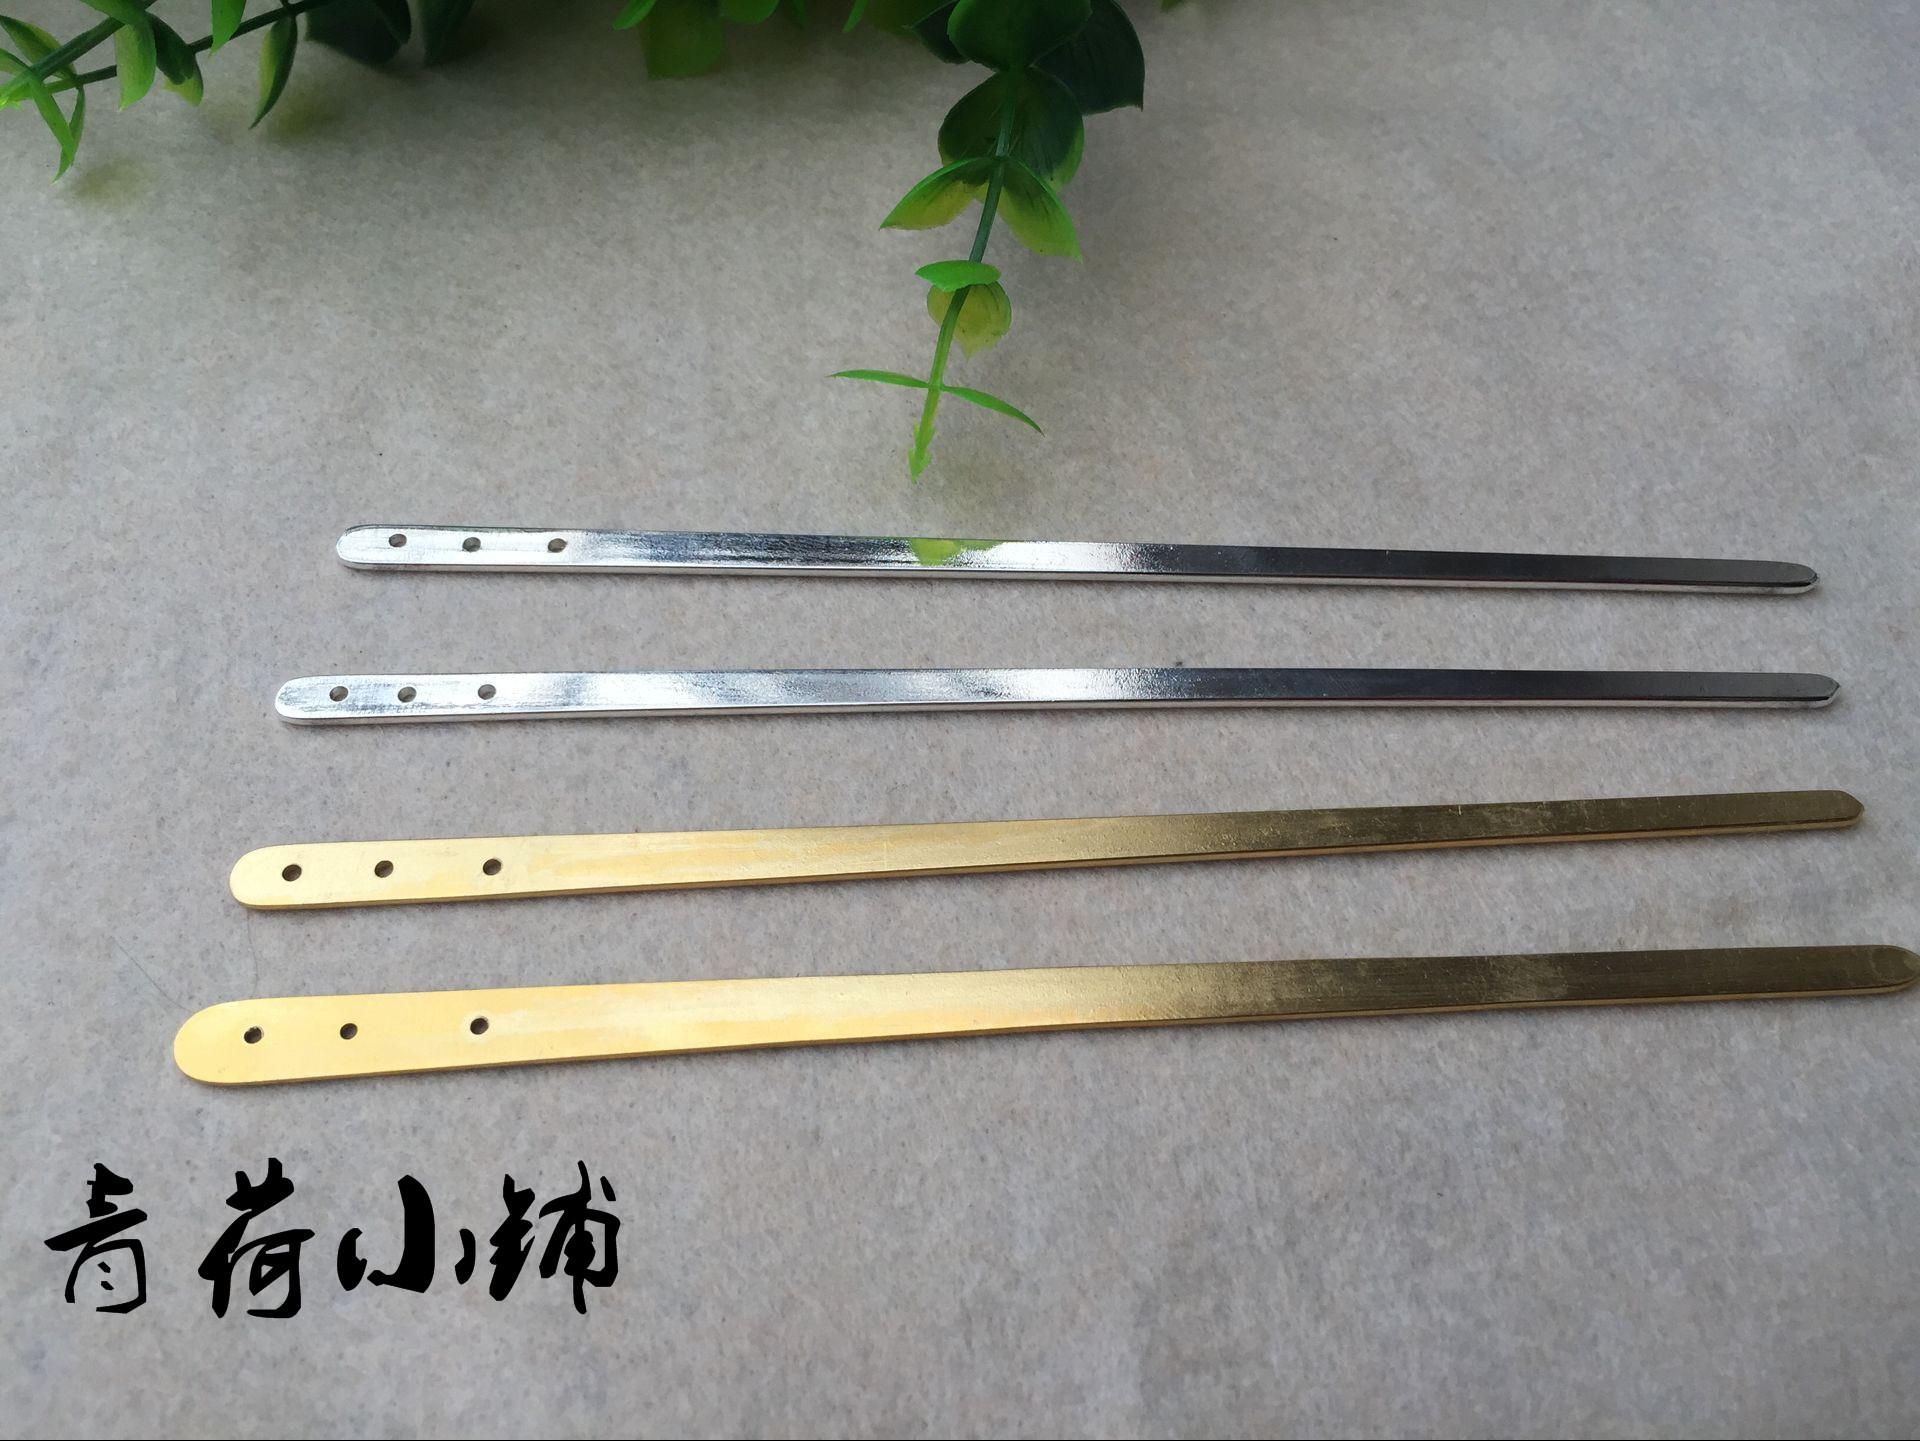 青荷 DIY饰品配件 全扁三孔纯铜髮簪 15釐米金银色